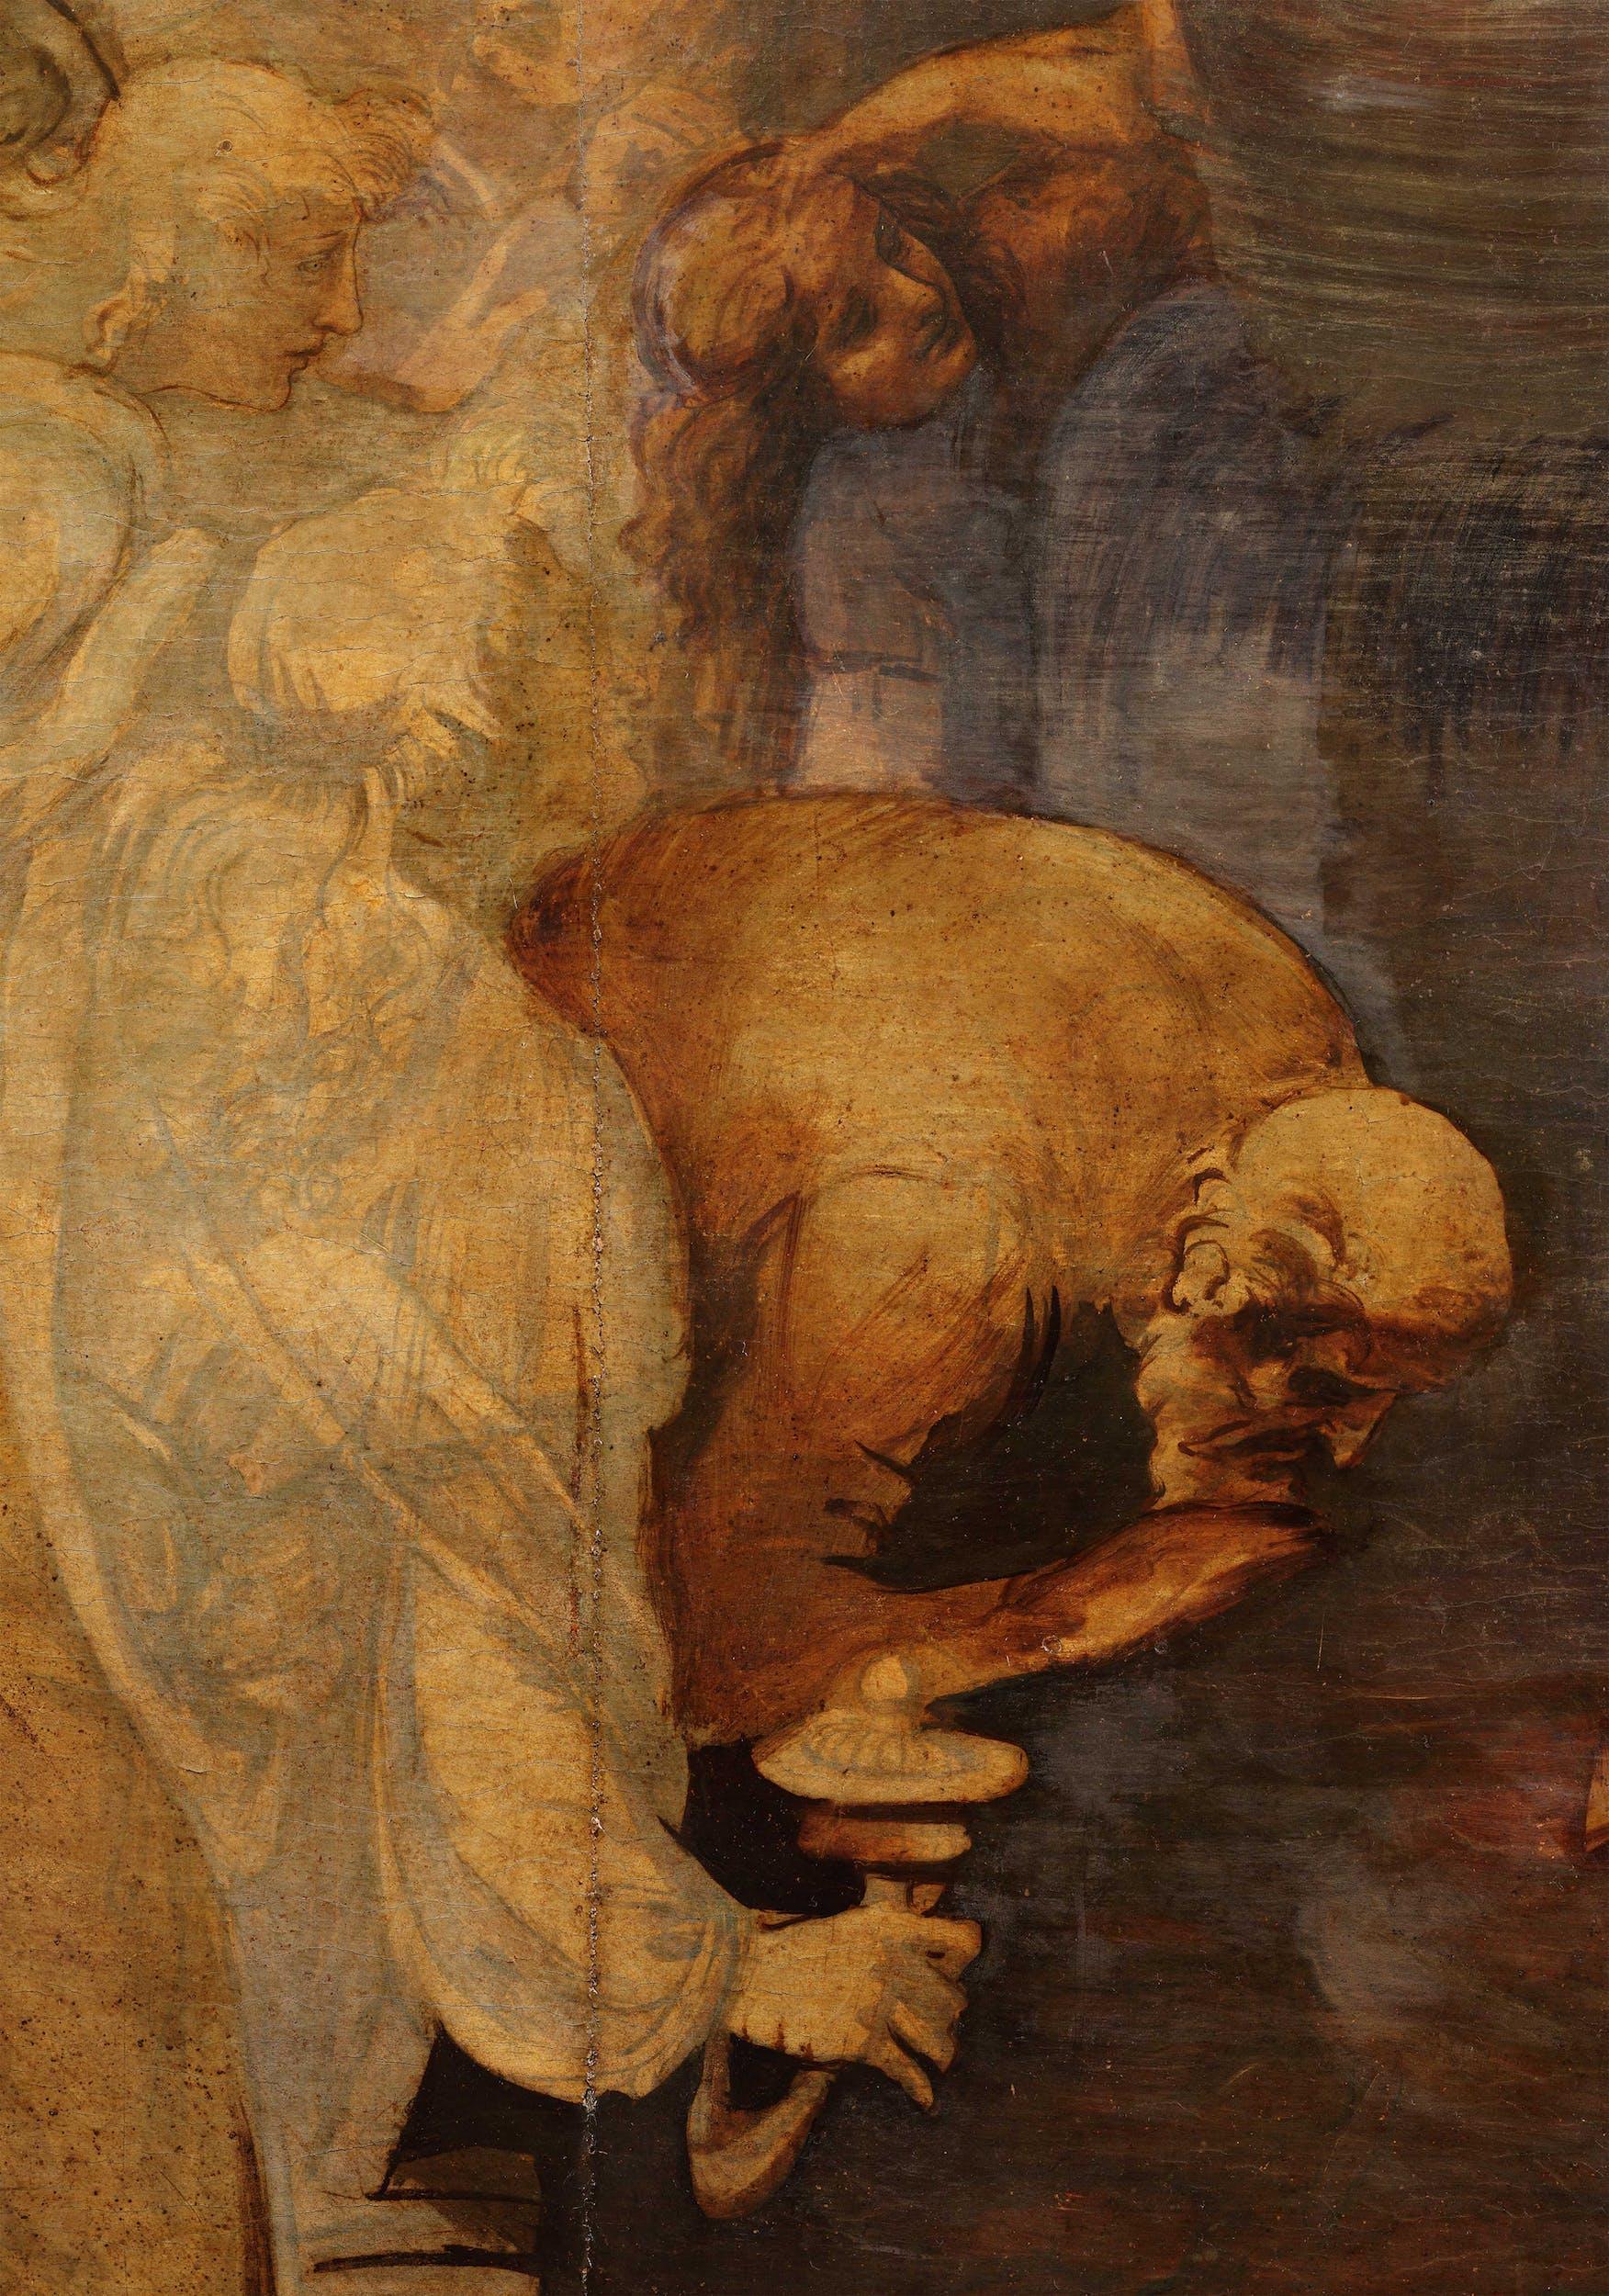 16. Leonardo da Vinci, Adorazione dei Magi, dettaglio in corso di pulitura